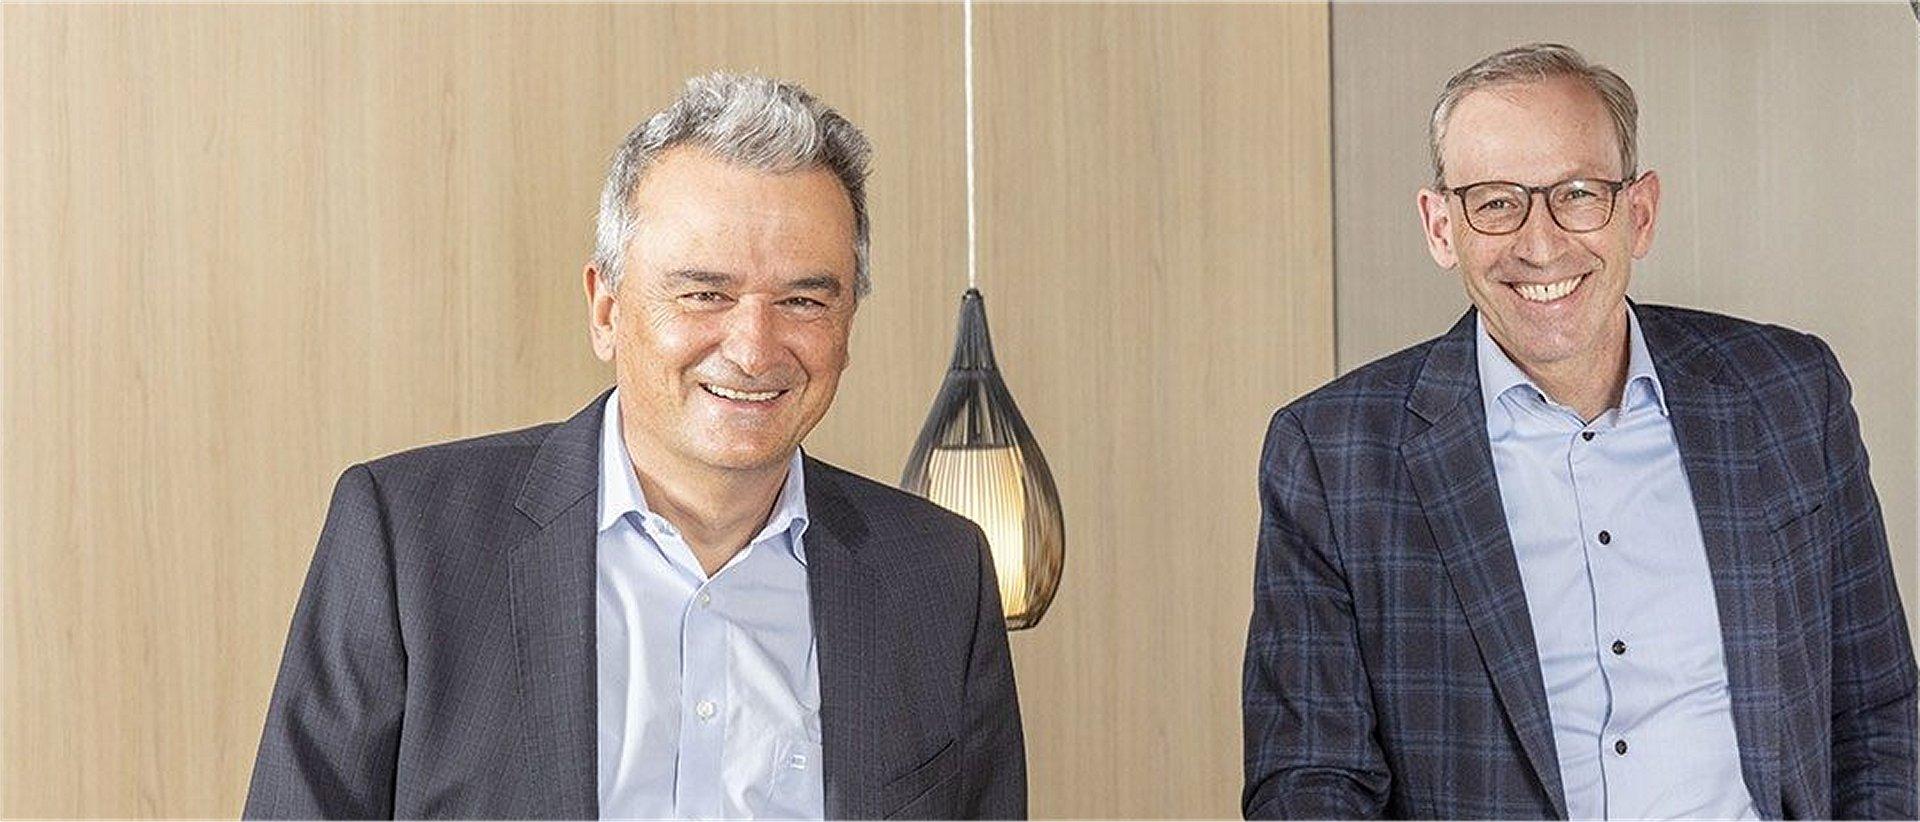 Joos-Sutter-zum-VRP-von-Coop-gew-hlt-Philipp-Wyss-neuer-CEO